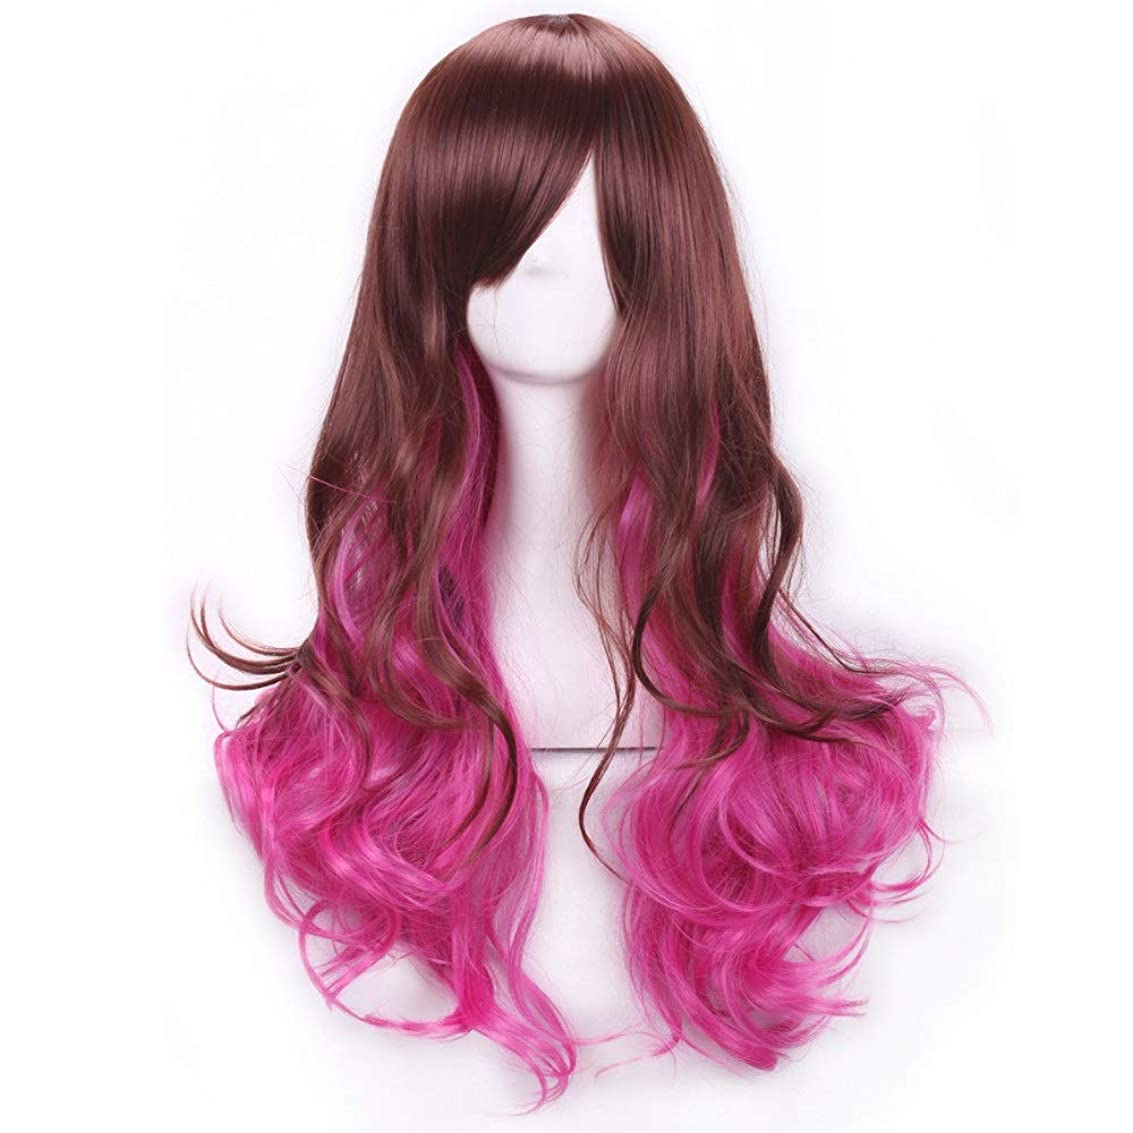 啓発する多分元に戻すかつらキャップでかつらファンシードレスカールかつら女性用高品質合成毛髪コスプレ高密度かつら女性&女の子用ブラウン、ピンク、パープル (Color : ピンク)